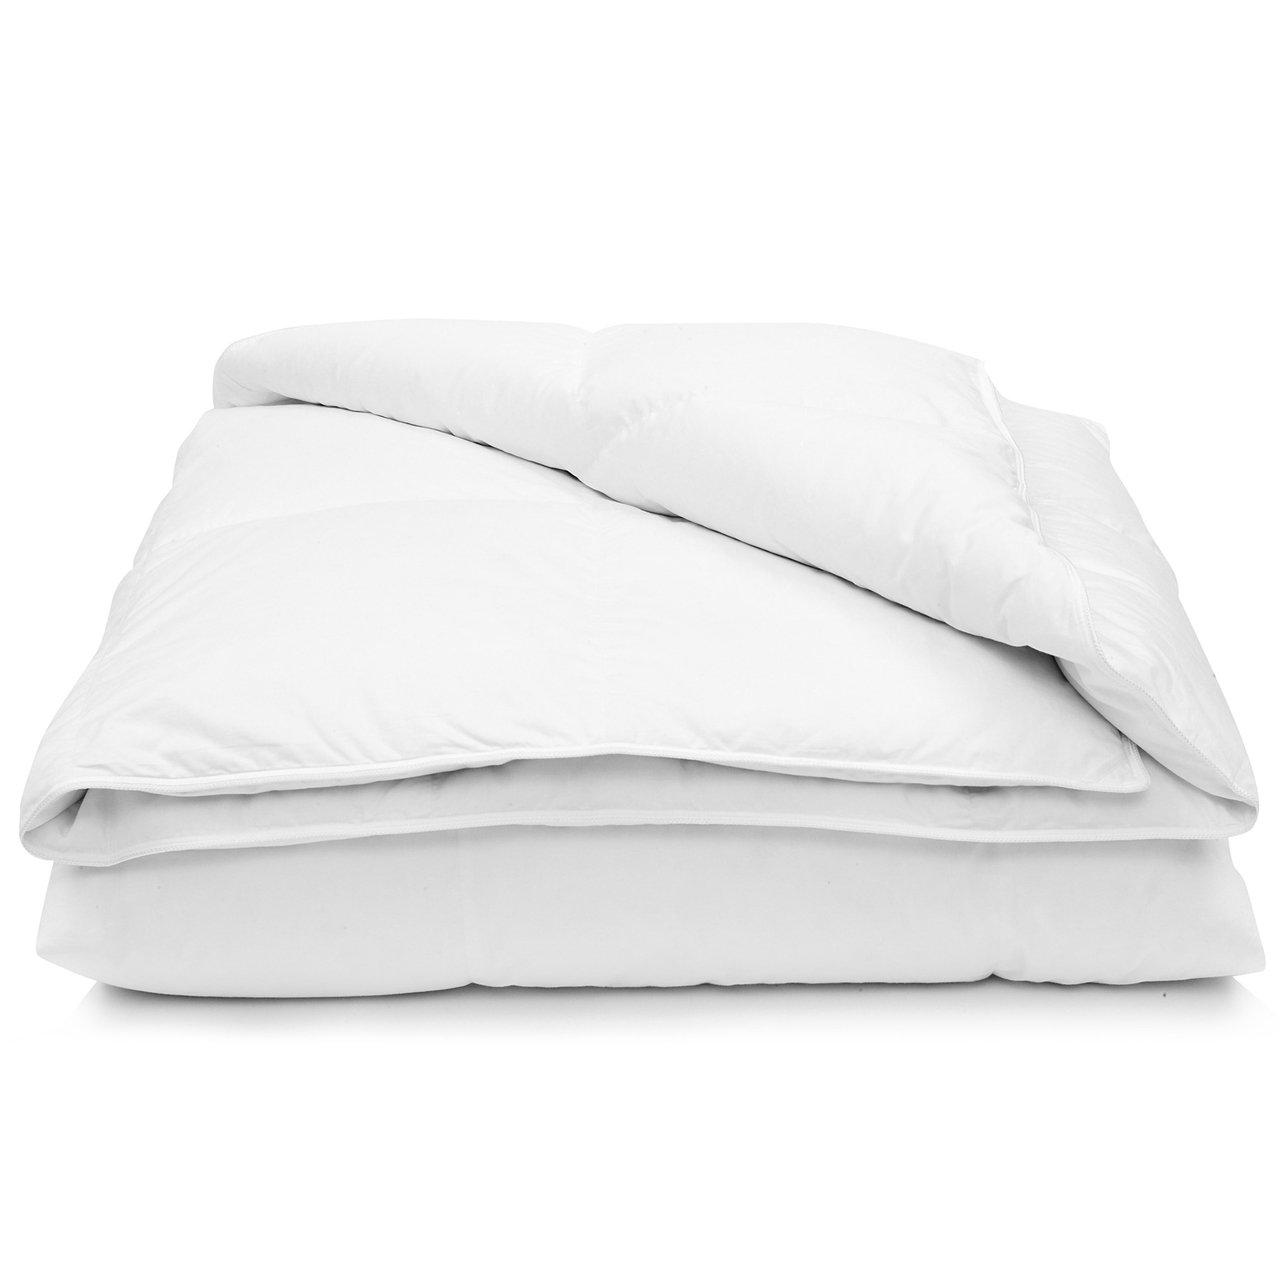 100% Organic Washable Wool Duvet Double Size